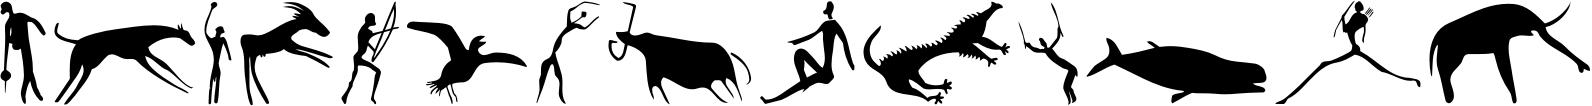 P22 Petroglyphs Set